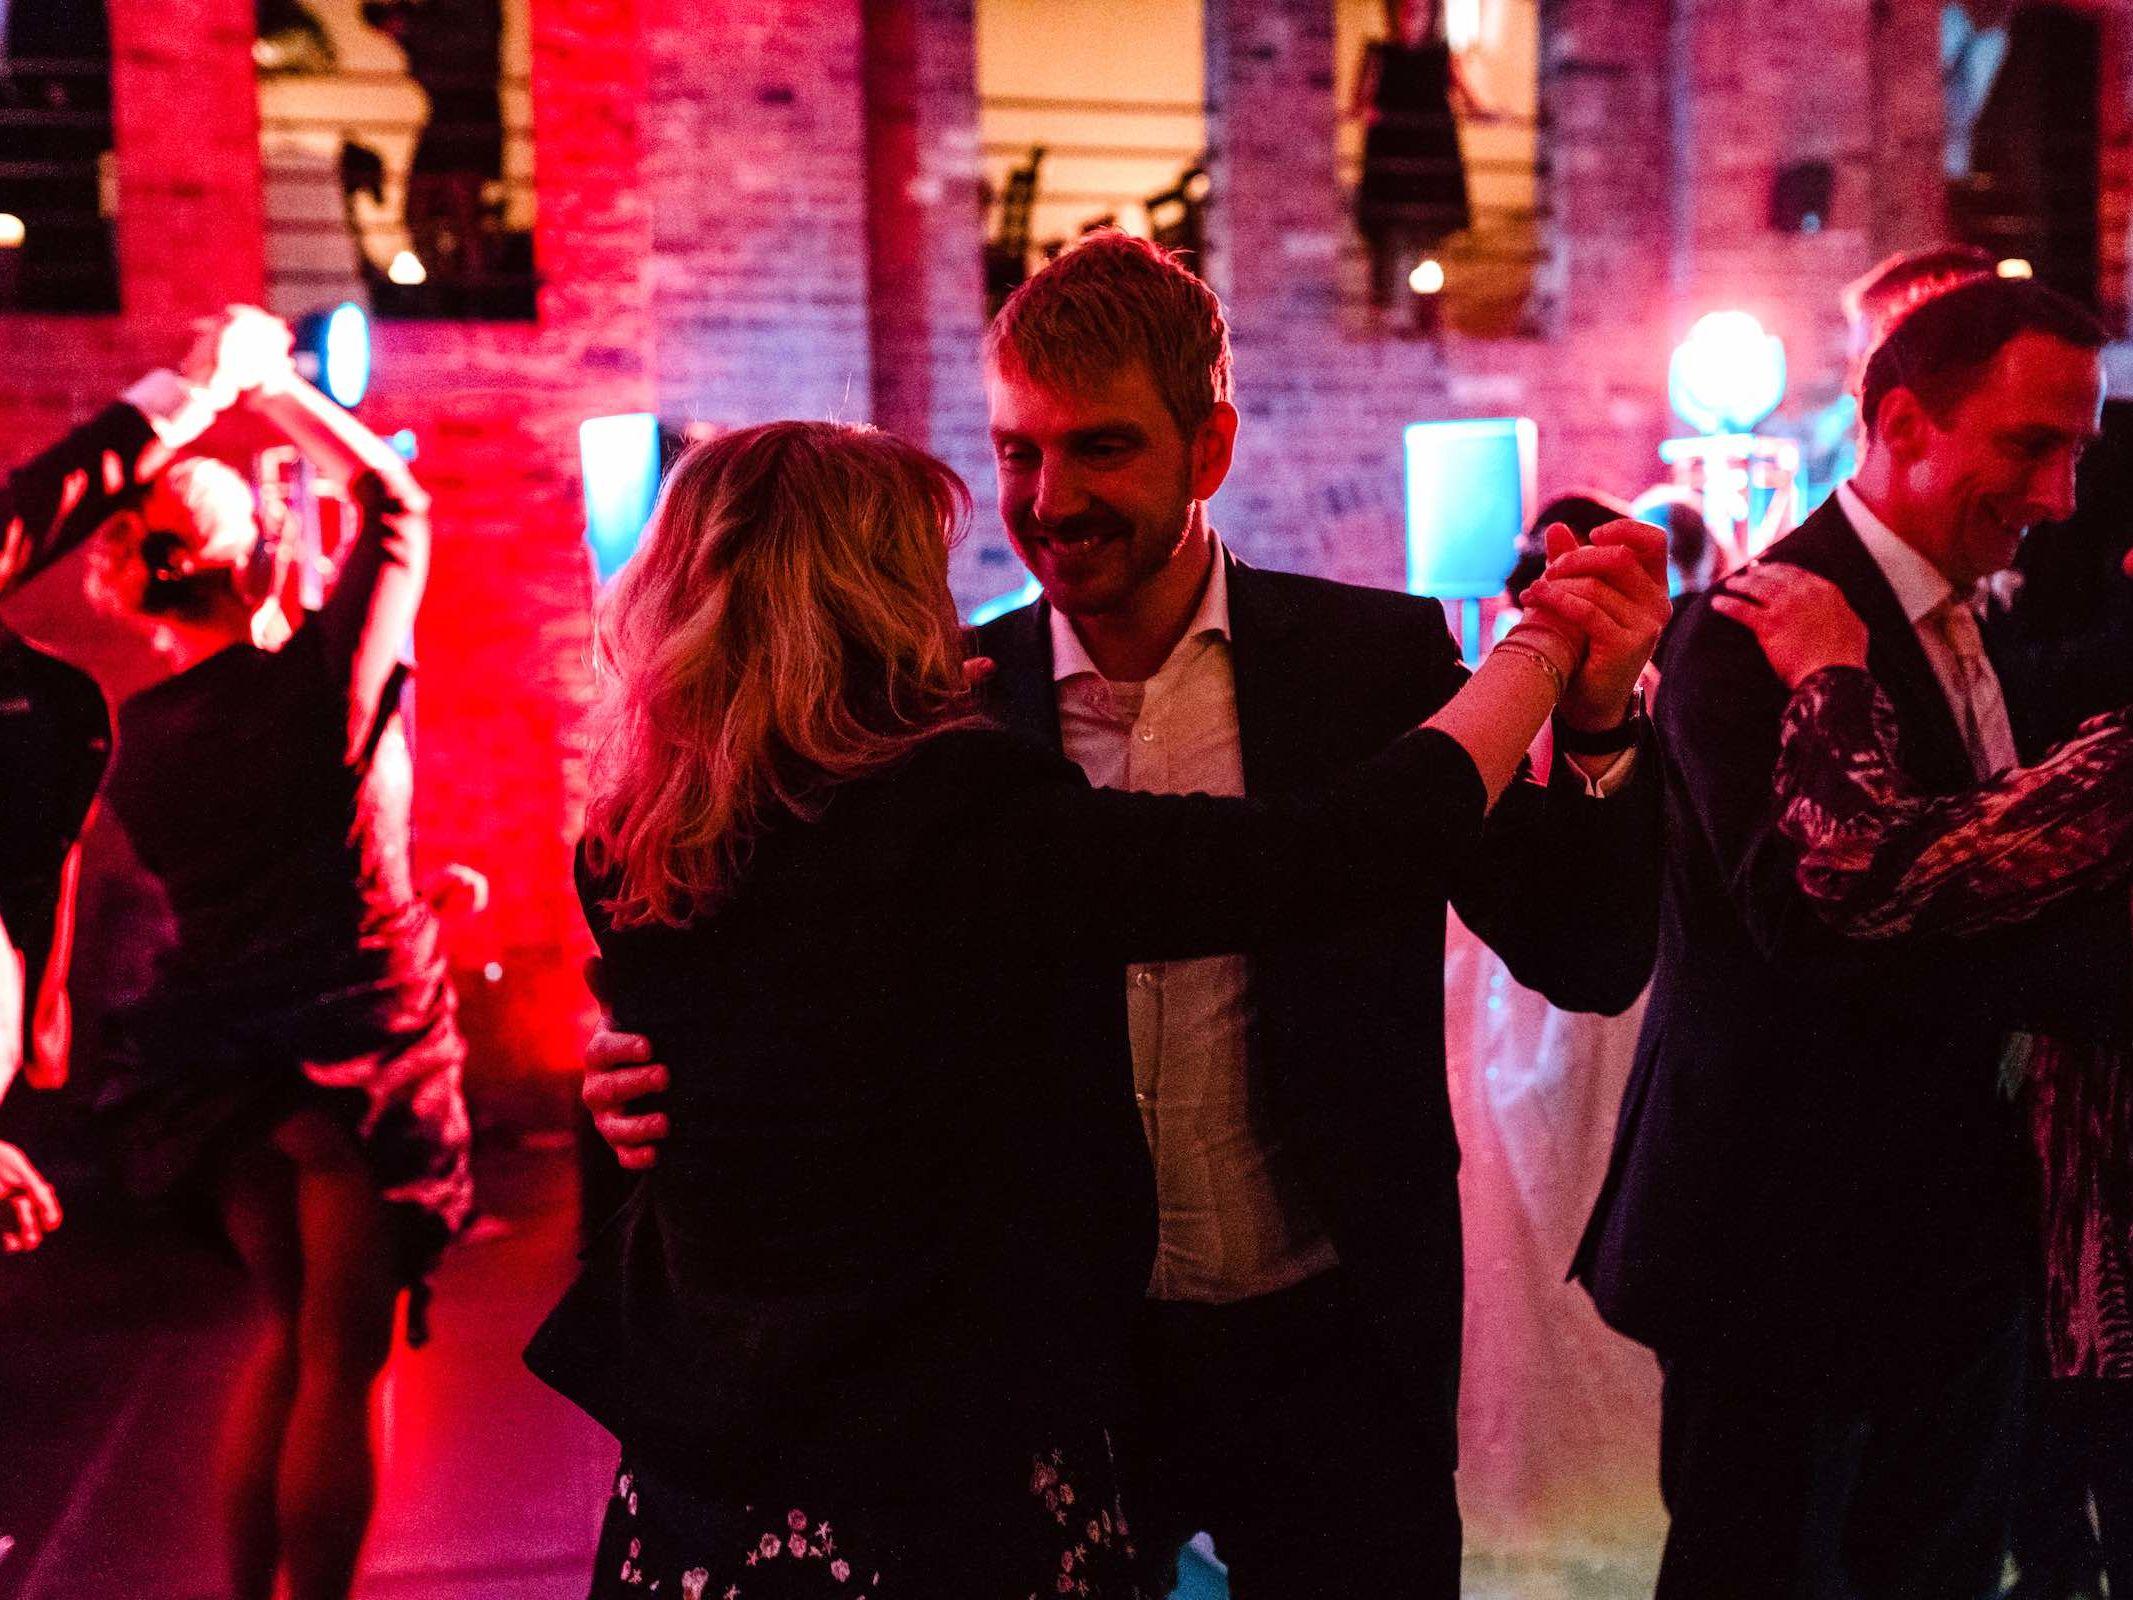 Burg | Königsworth | Roneburg | Hannover | Hochzeit | Geburtstag | Firmenfeier | Feiern | Locations | DJ | Eröffnungstanz | Hochzeitsplanung | Hochzeitsplaner | Referenz | Lehmann | Eventservice